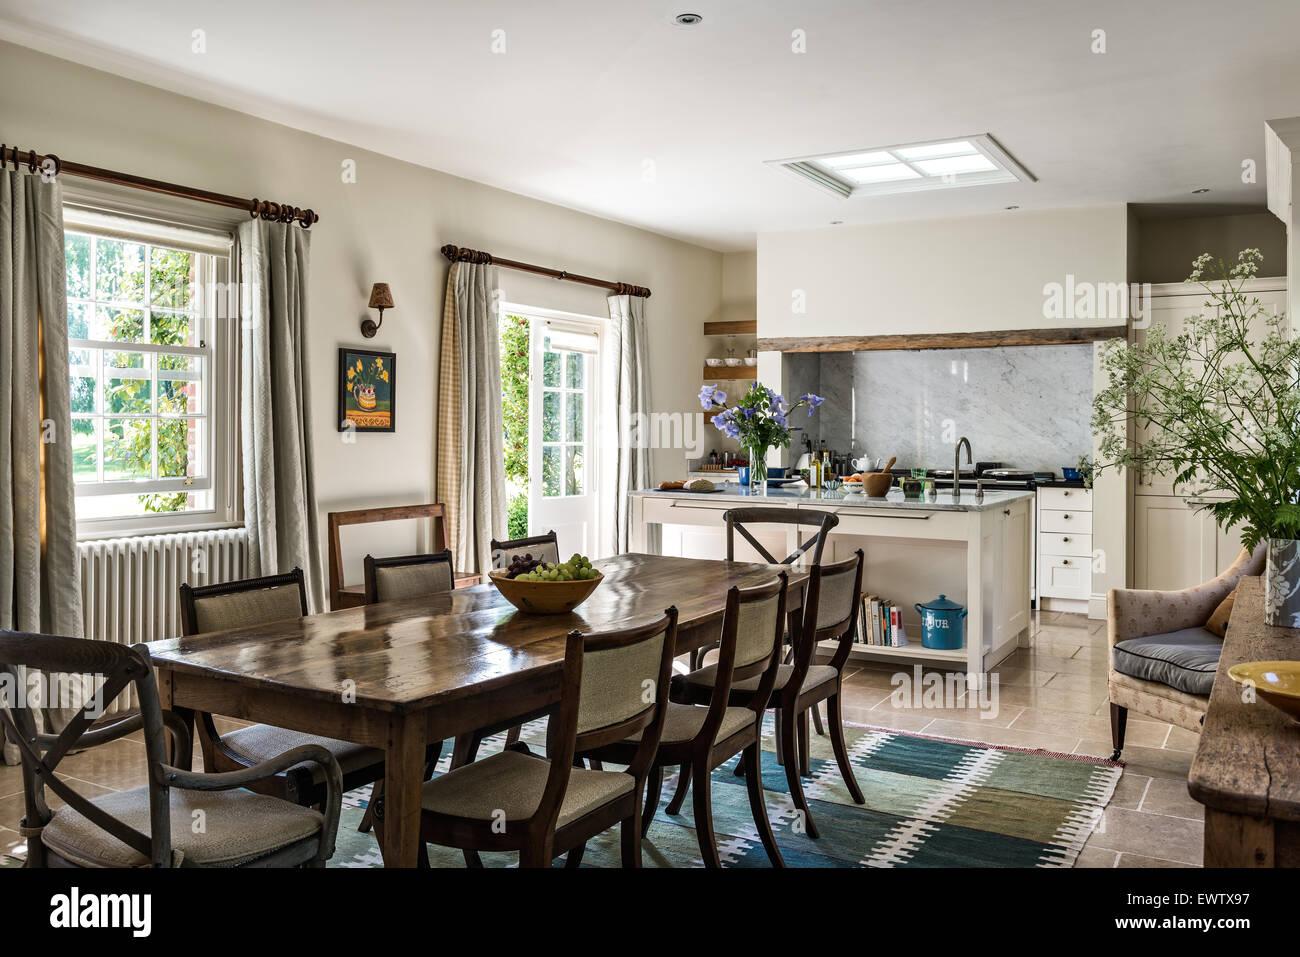 Antiker Esstisch mit Stühlen in offene Küche Esszimmer mit Kalkstein ...